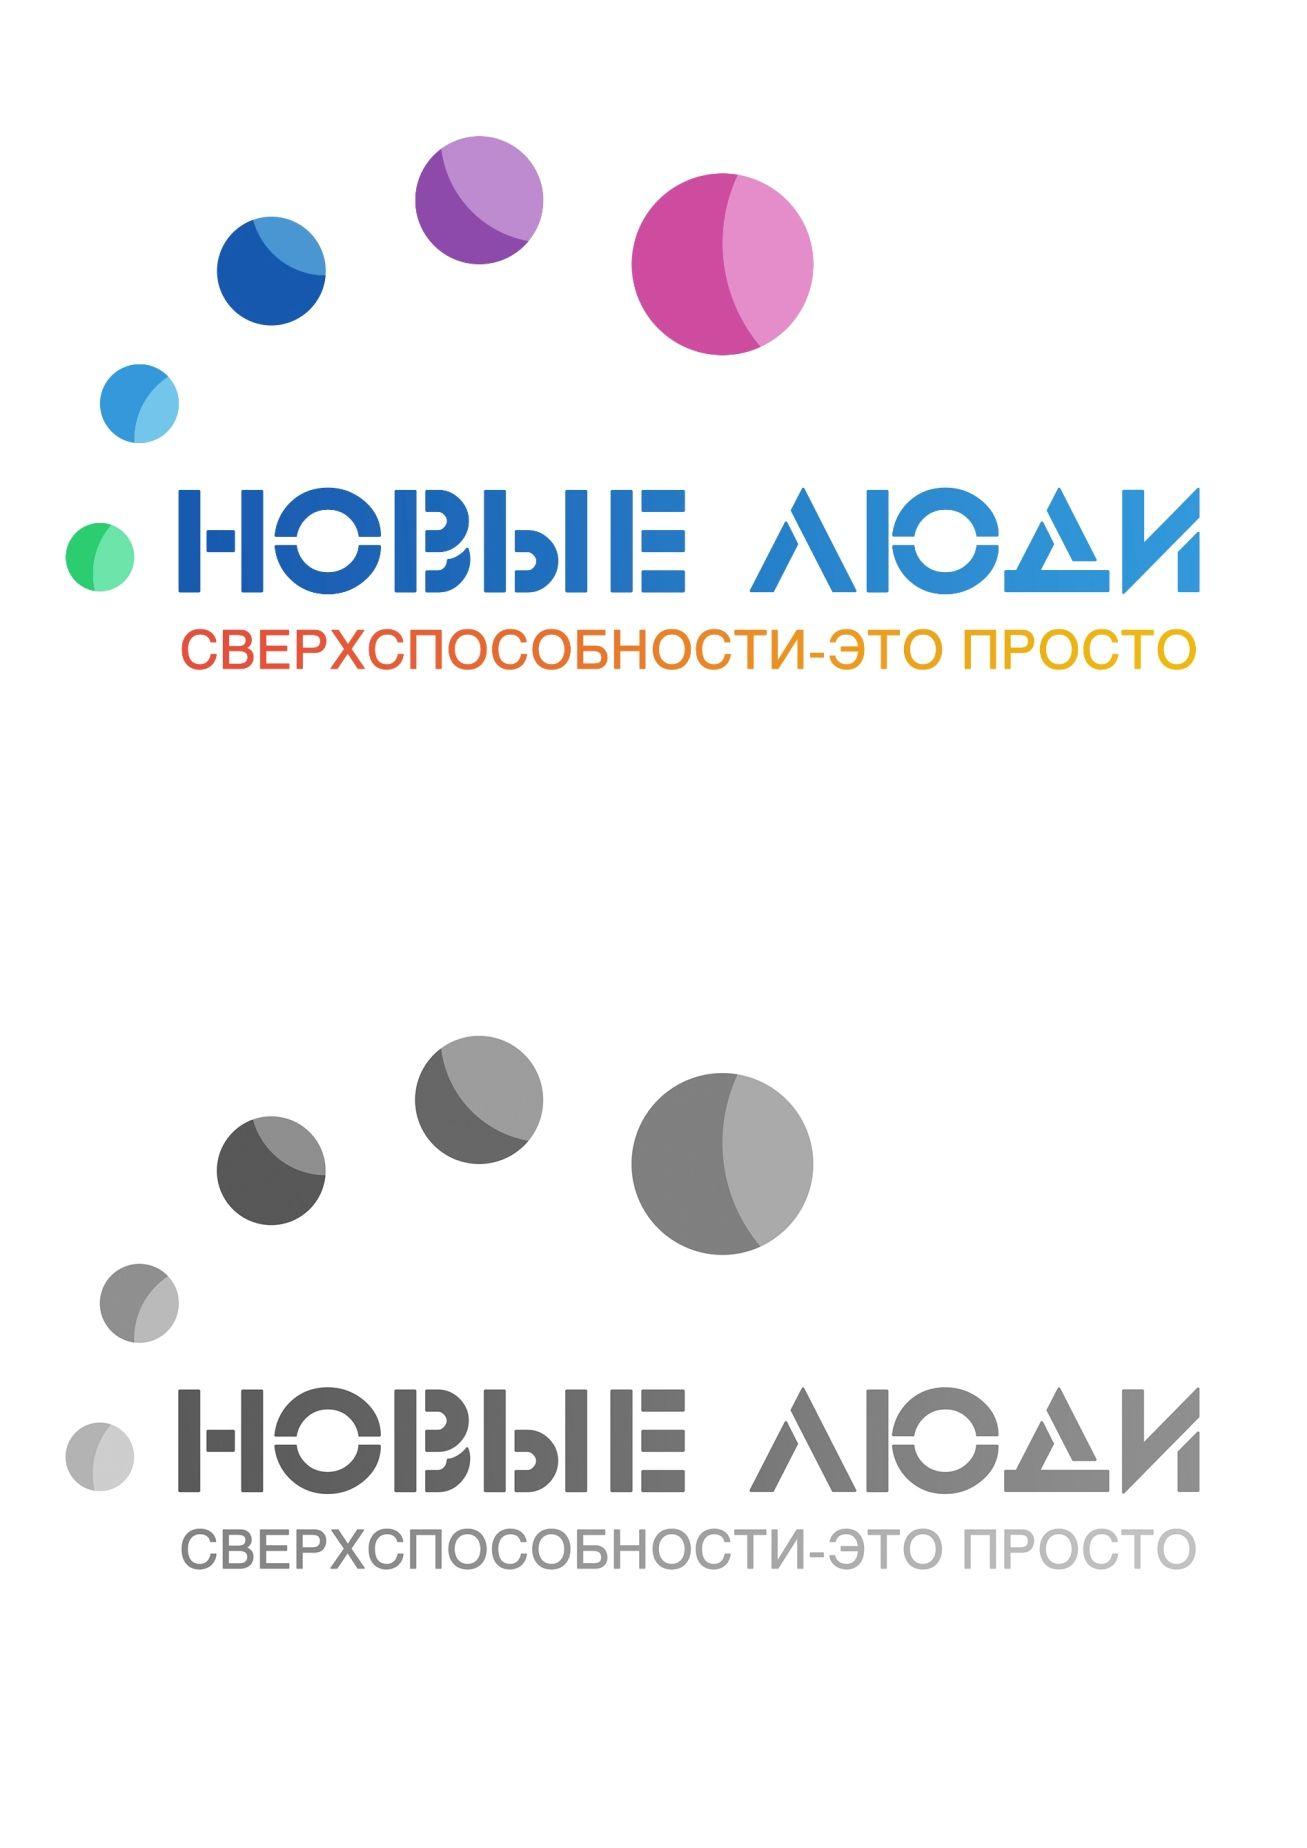 Лого и стиль тренингового центра/системы знаний - дизайнер formant